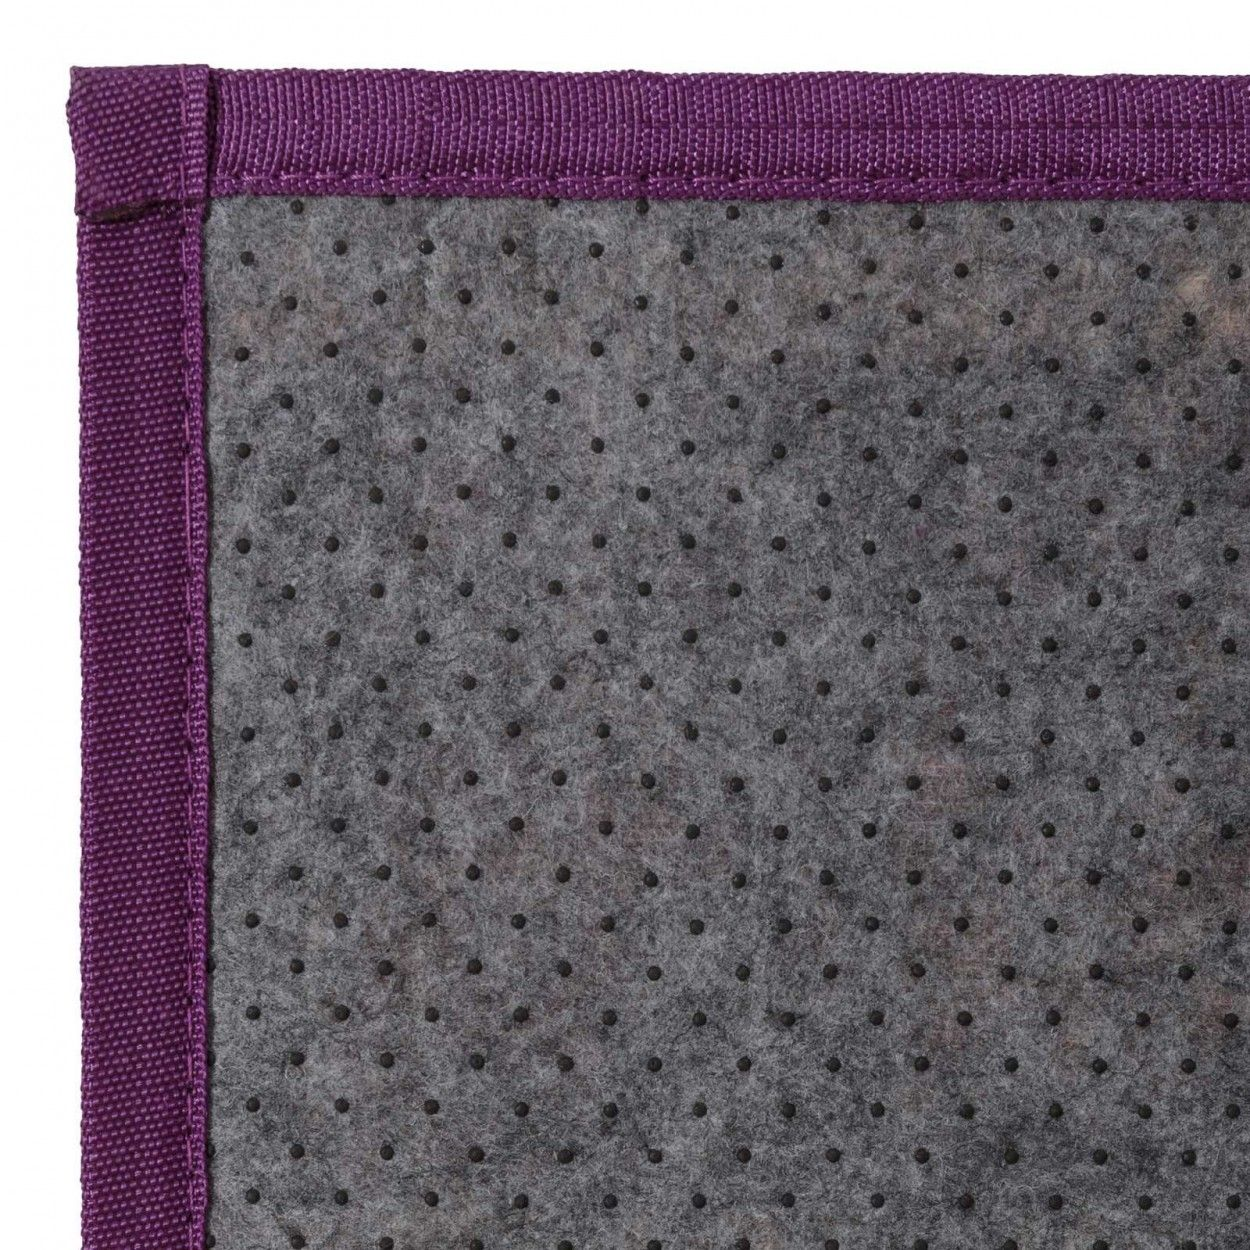 Comprar alfombra violeta de bambu natural - Alfombras bambu colores ...